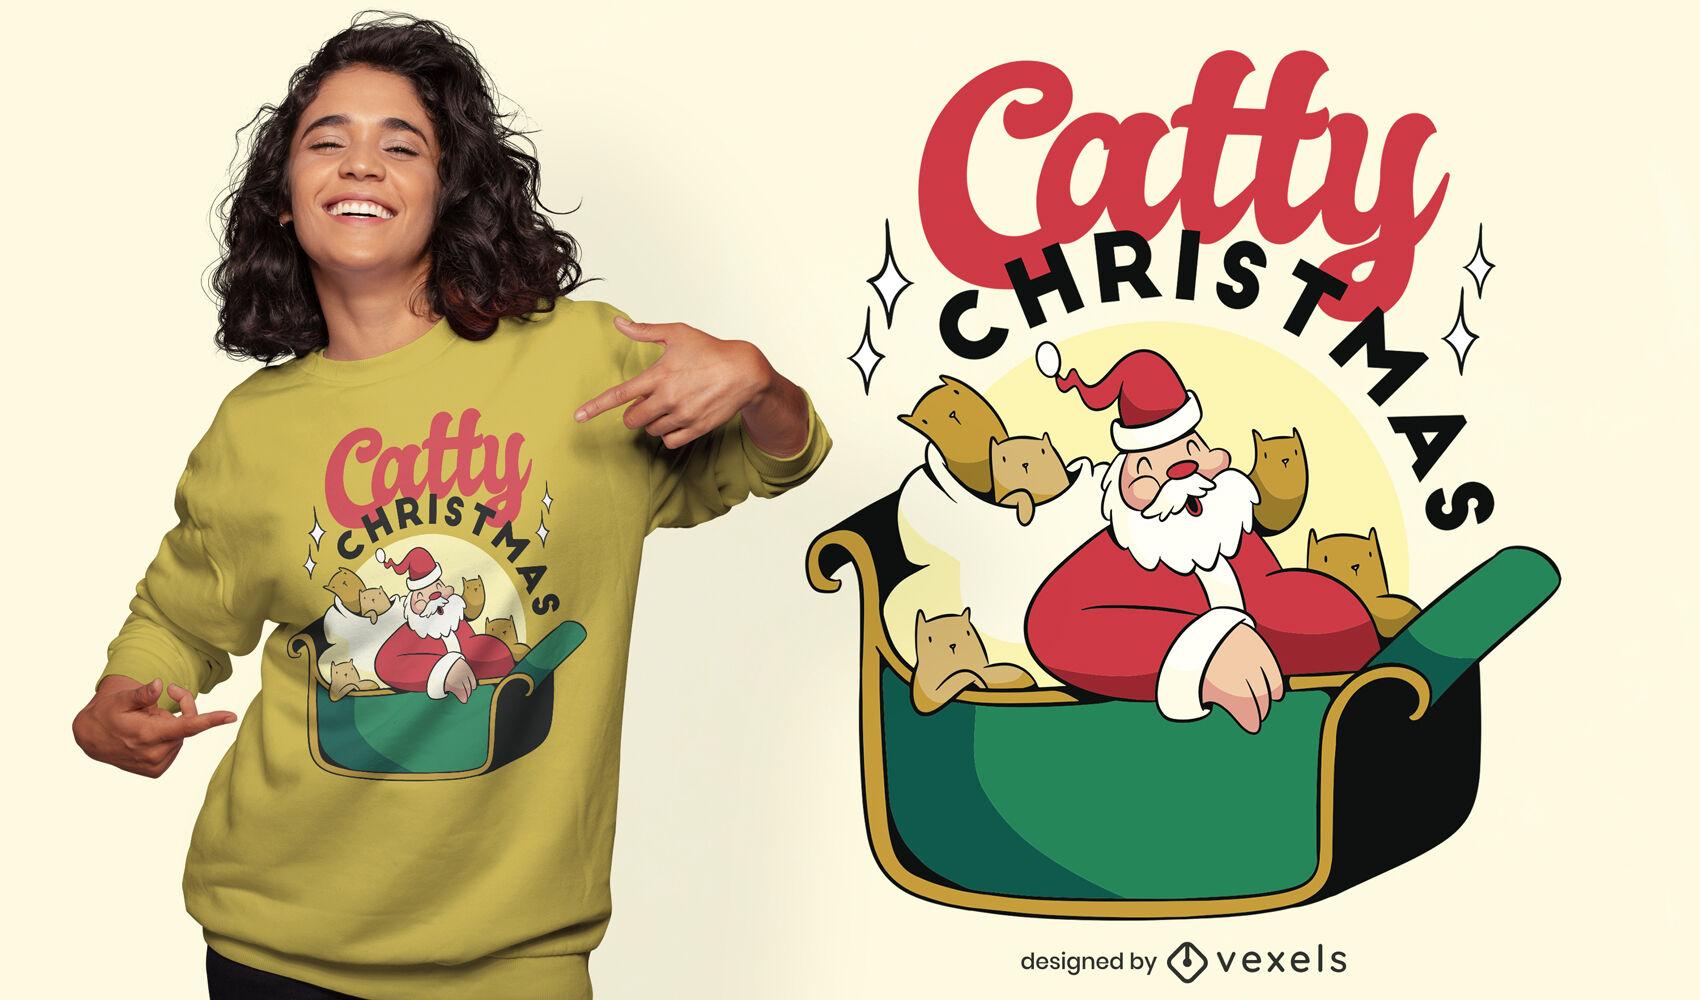 Lindo design malicioso de t-shirt de Natal